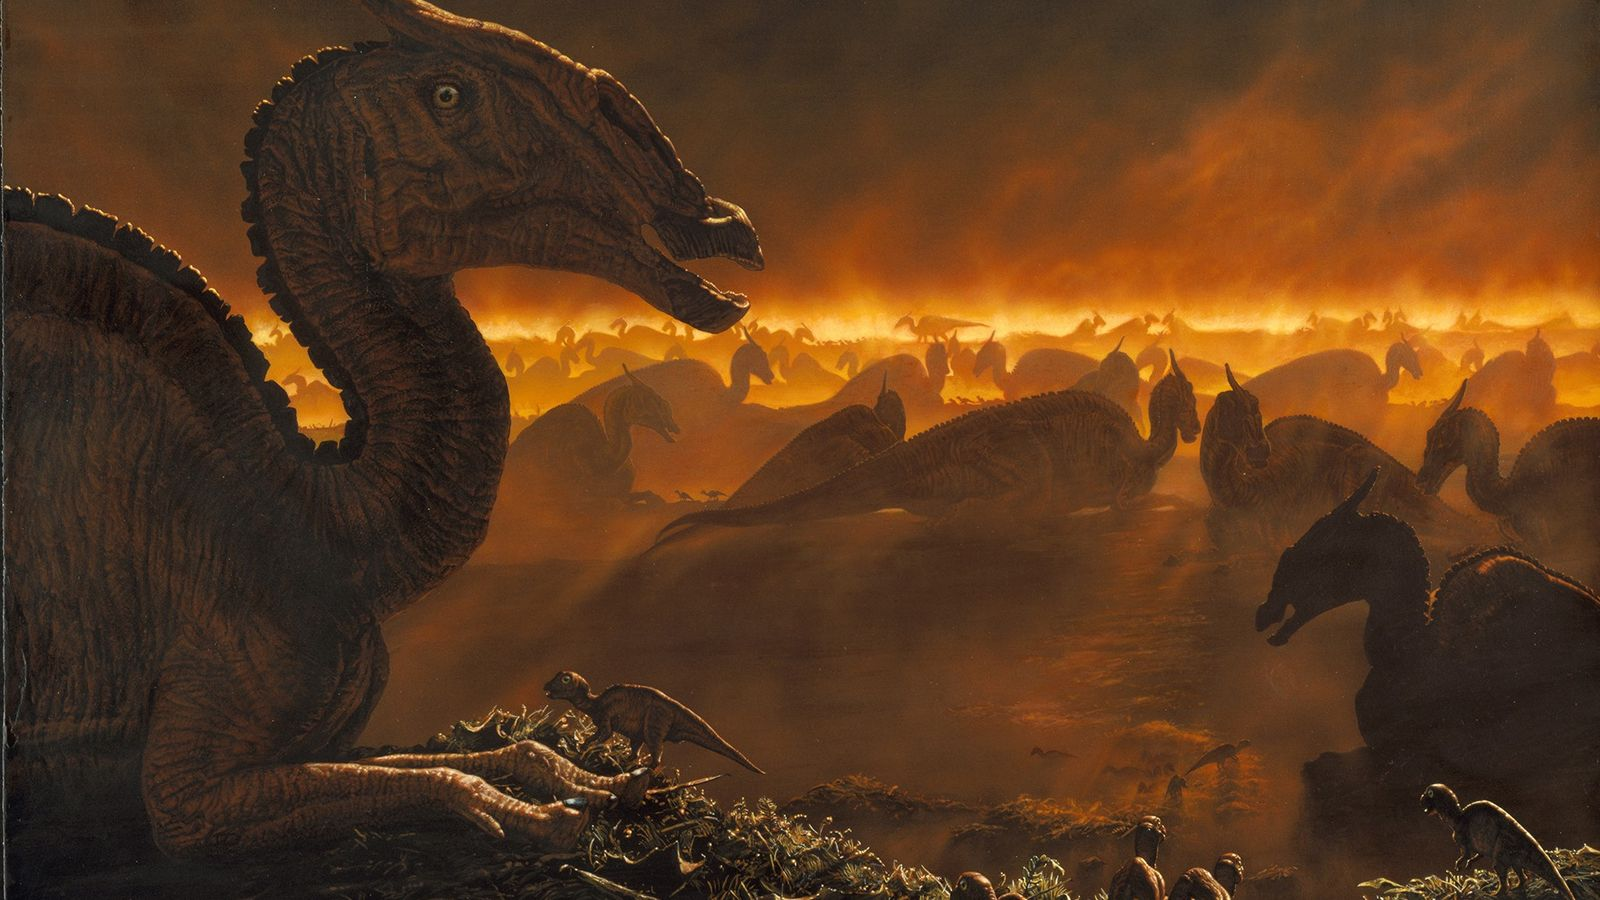 Saurolophus da Mongólia se reúnem no amanhecer em meio ao nevoeiro, conforme exibido em uma pintura. ...